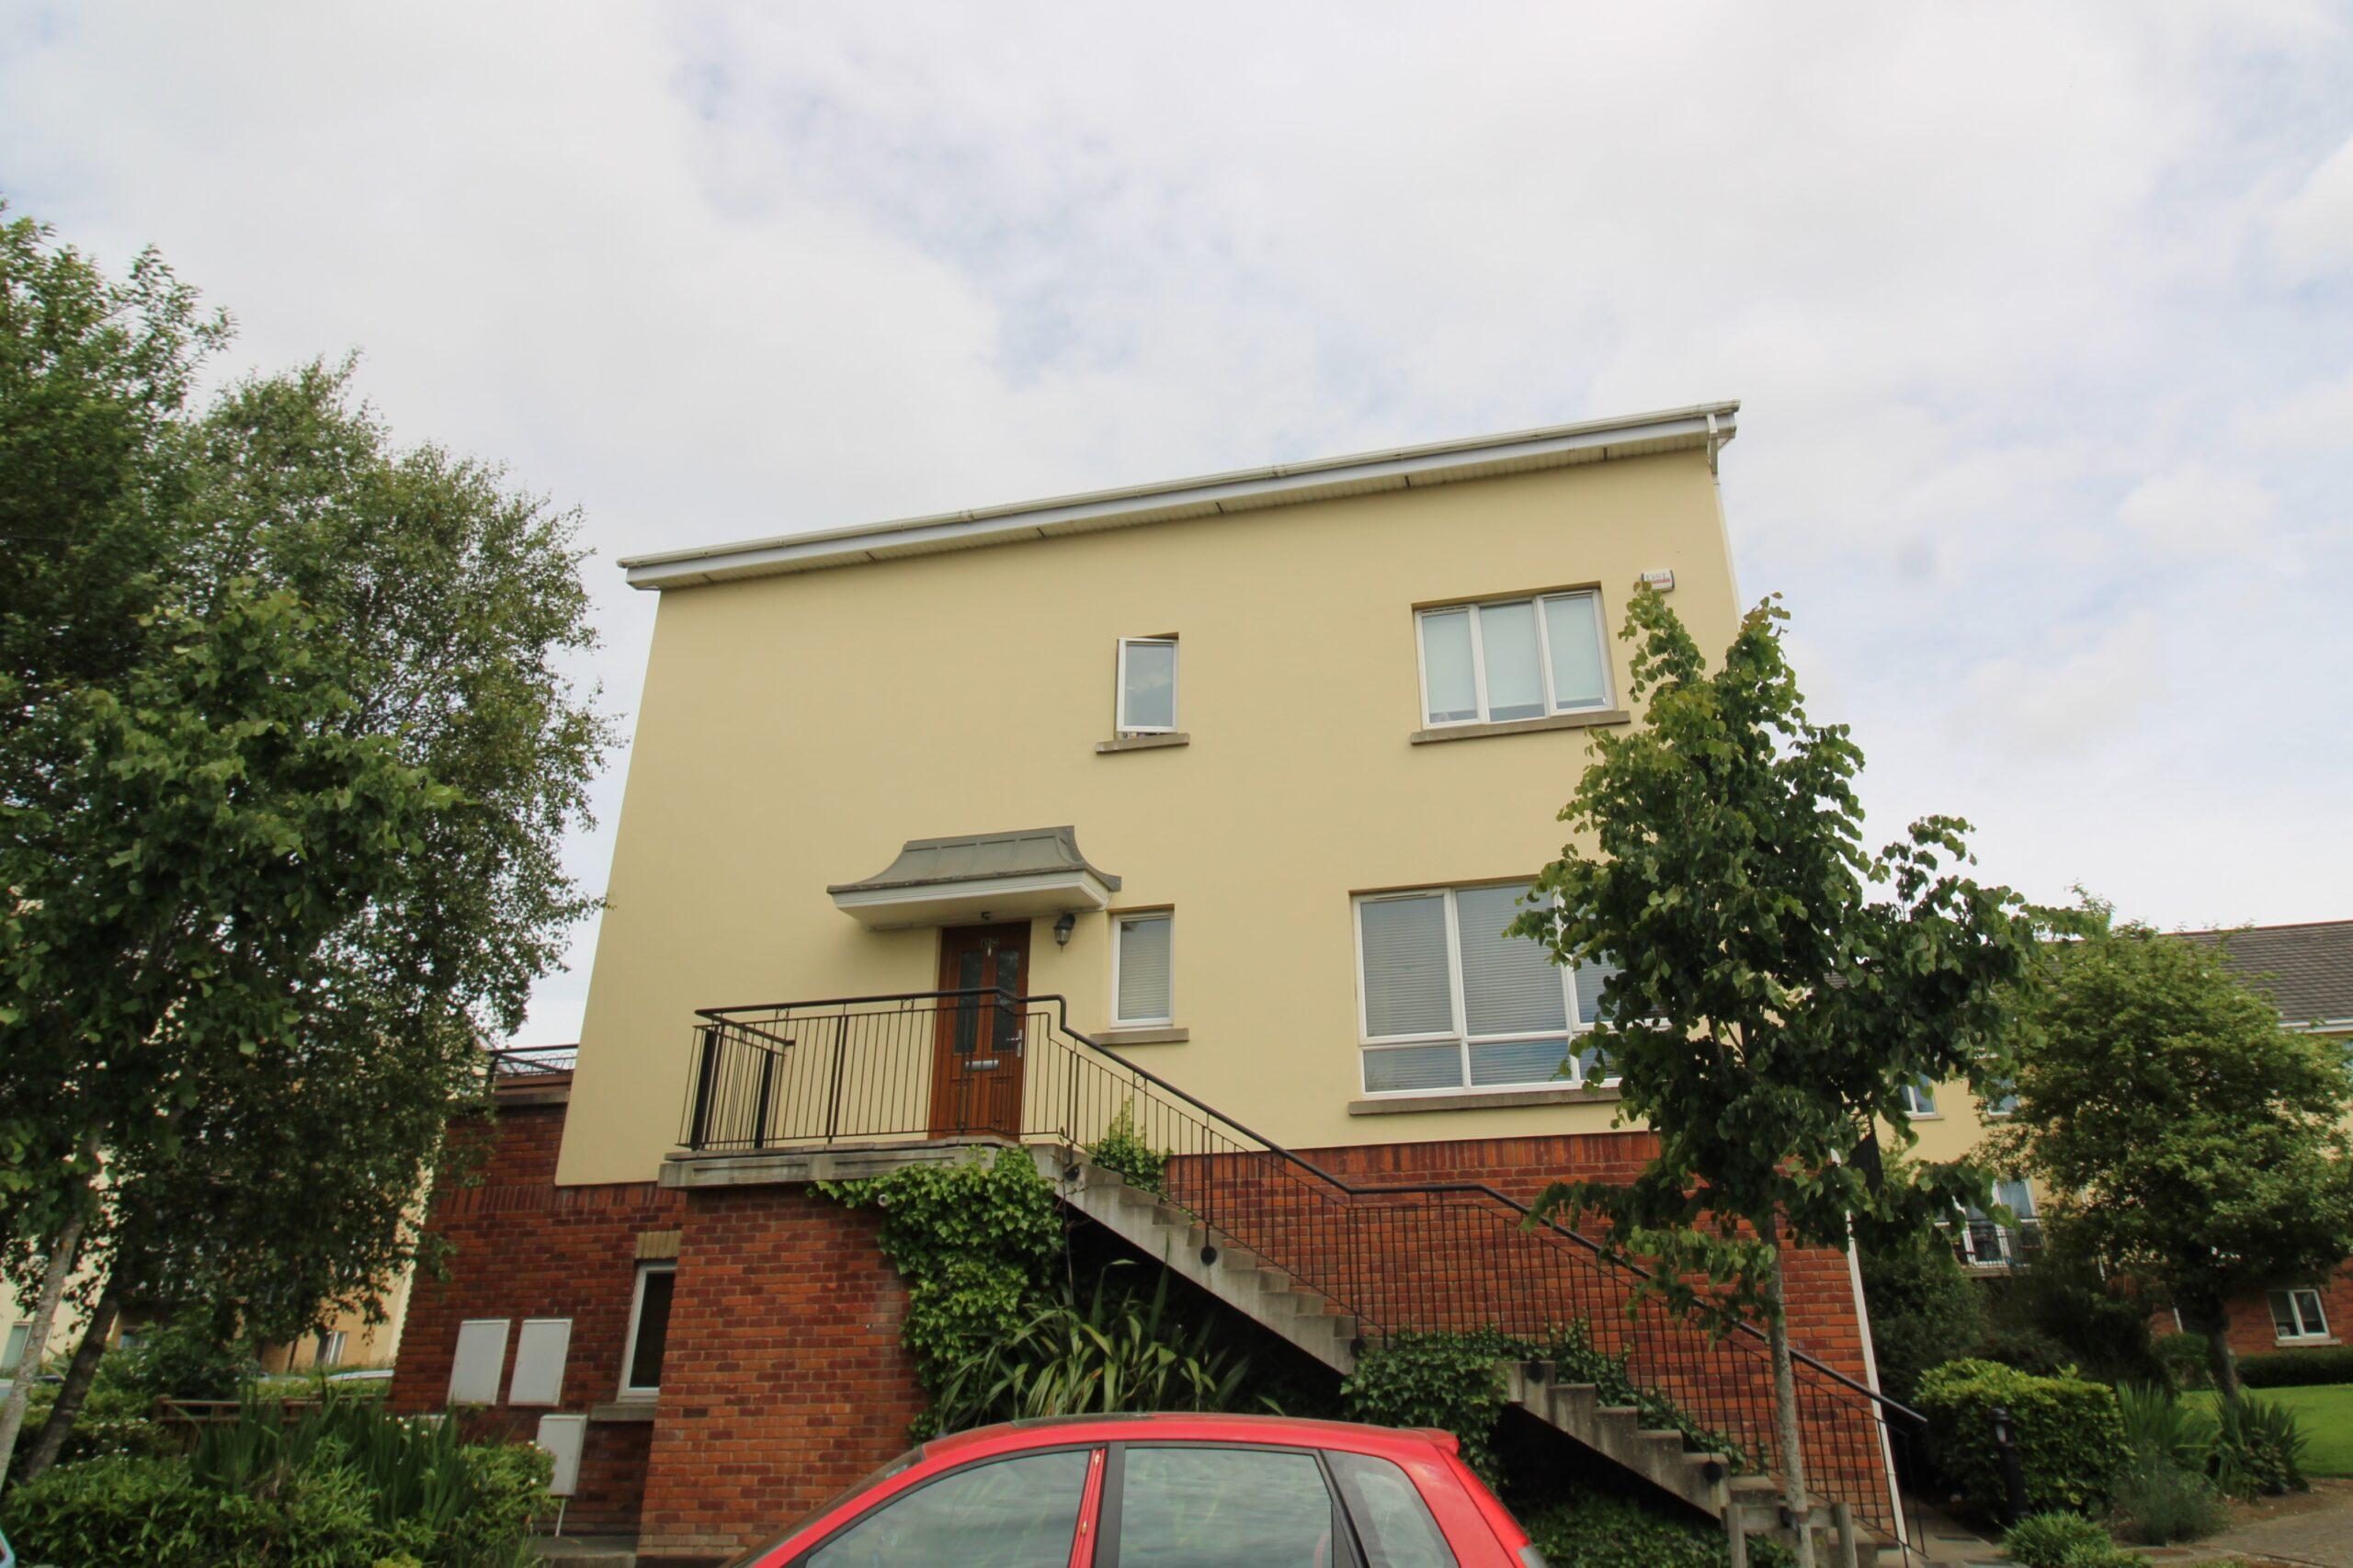 38 Windmill Court, Porterstown, Clonsilla, Dublin 15